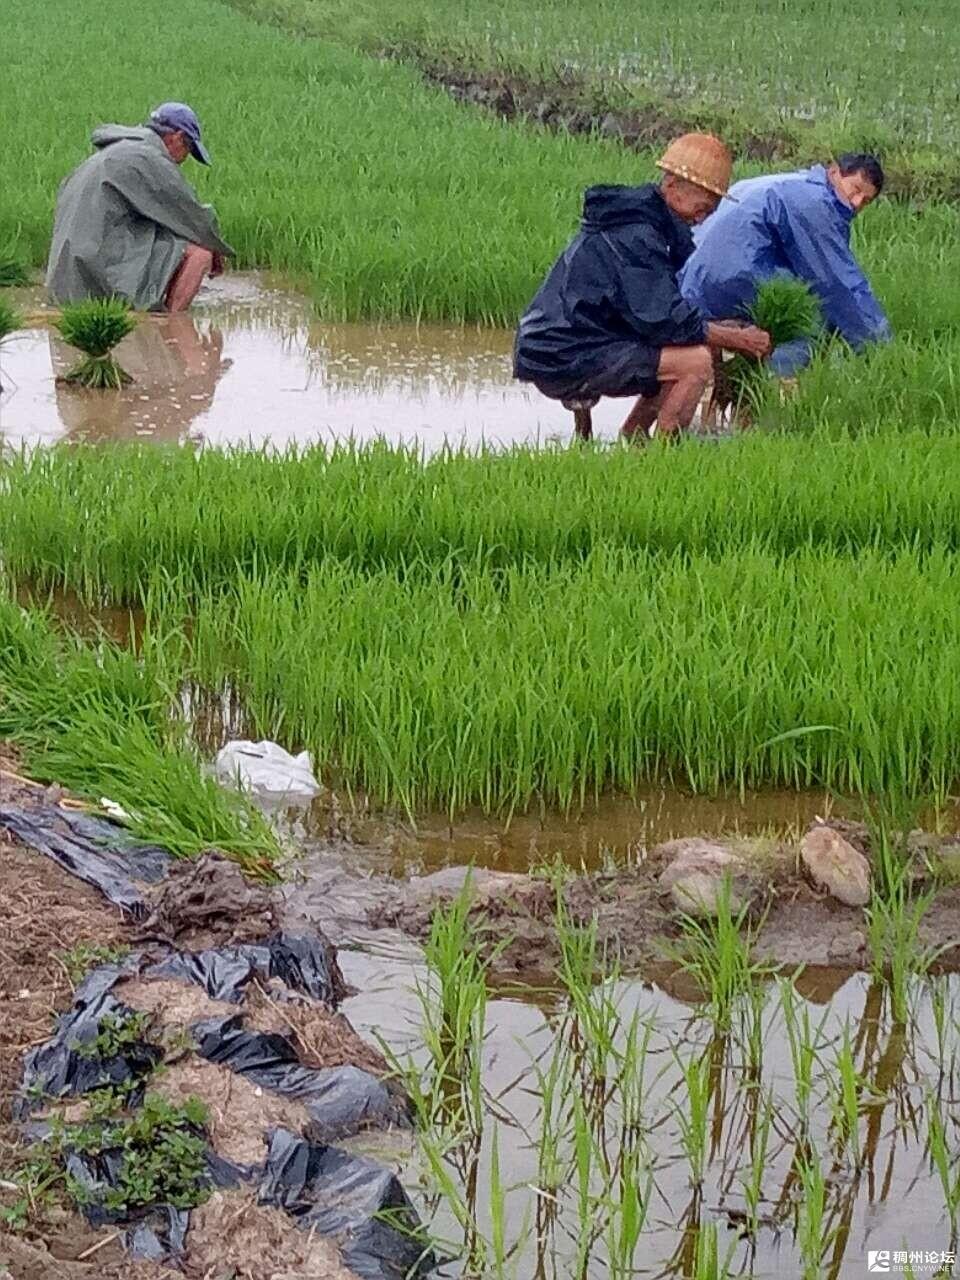 下雨种田!咱农民的本性永远都不会改变的事实.